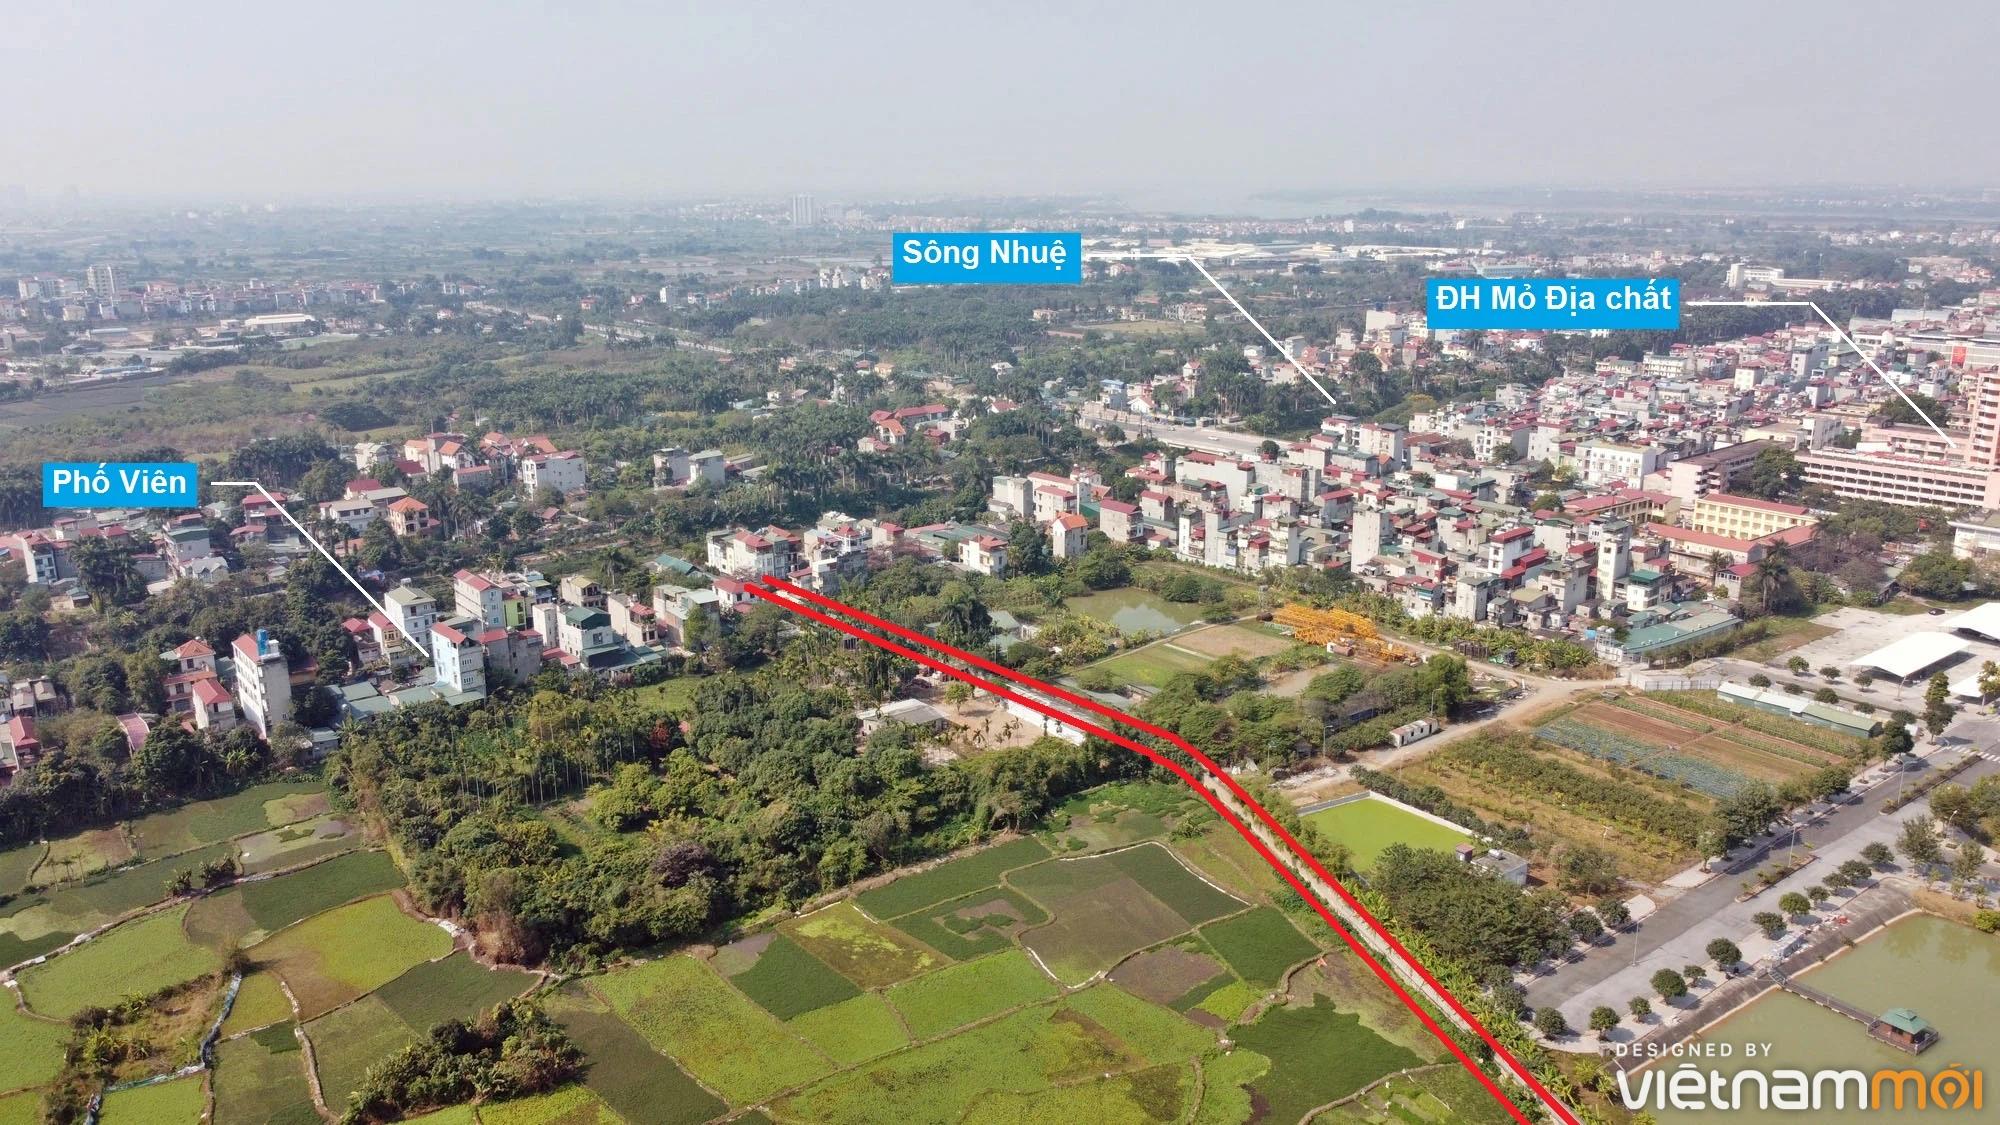 Ba đường sẽ mở theo qui hoạch ở phường Cổ Nhuế 2, Bắc Từ Liêm, Hà Nội (phần 2) - Ảnh 7.